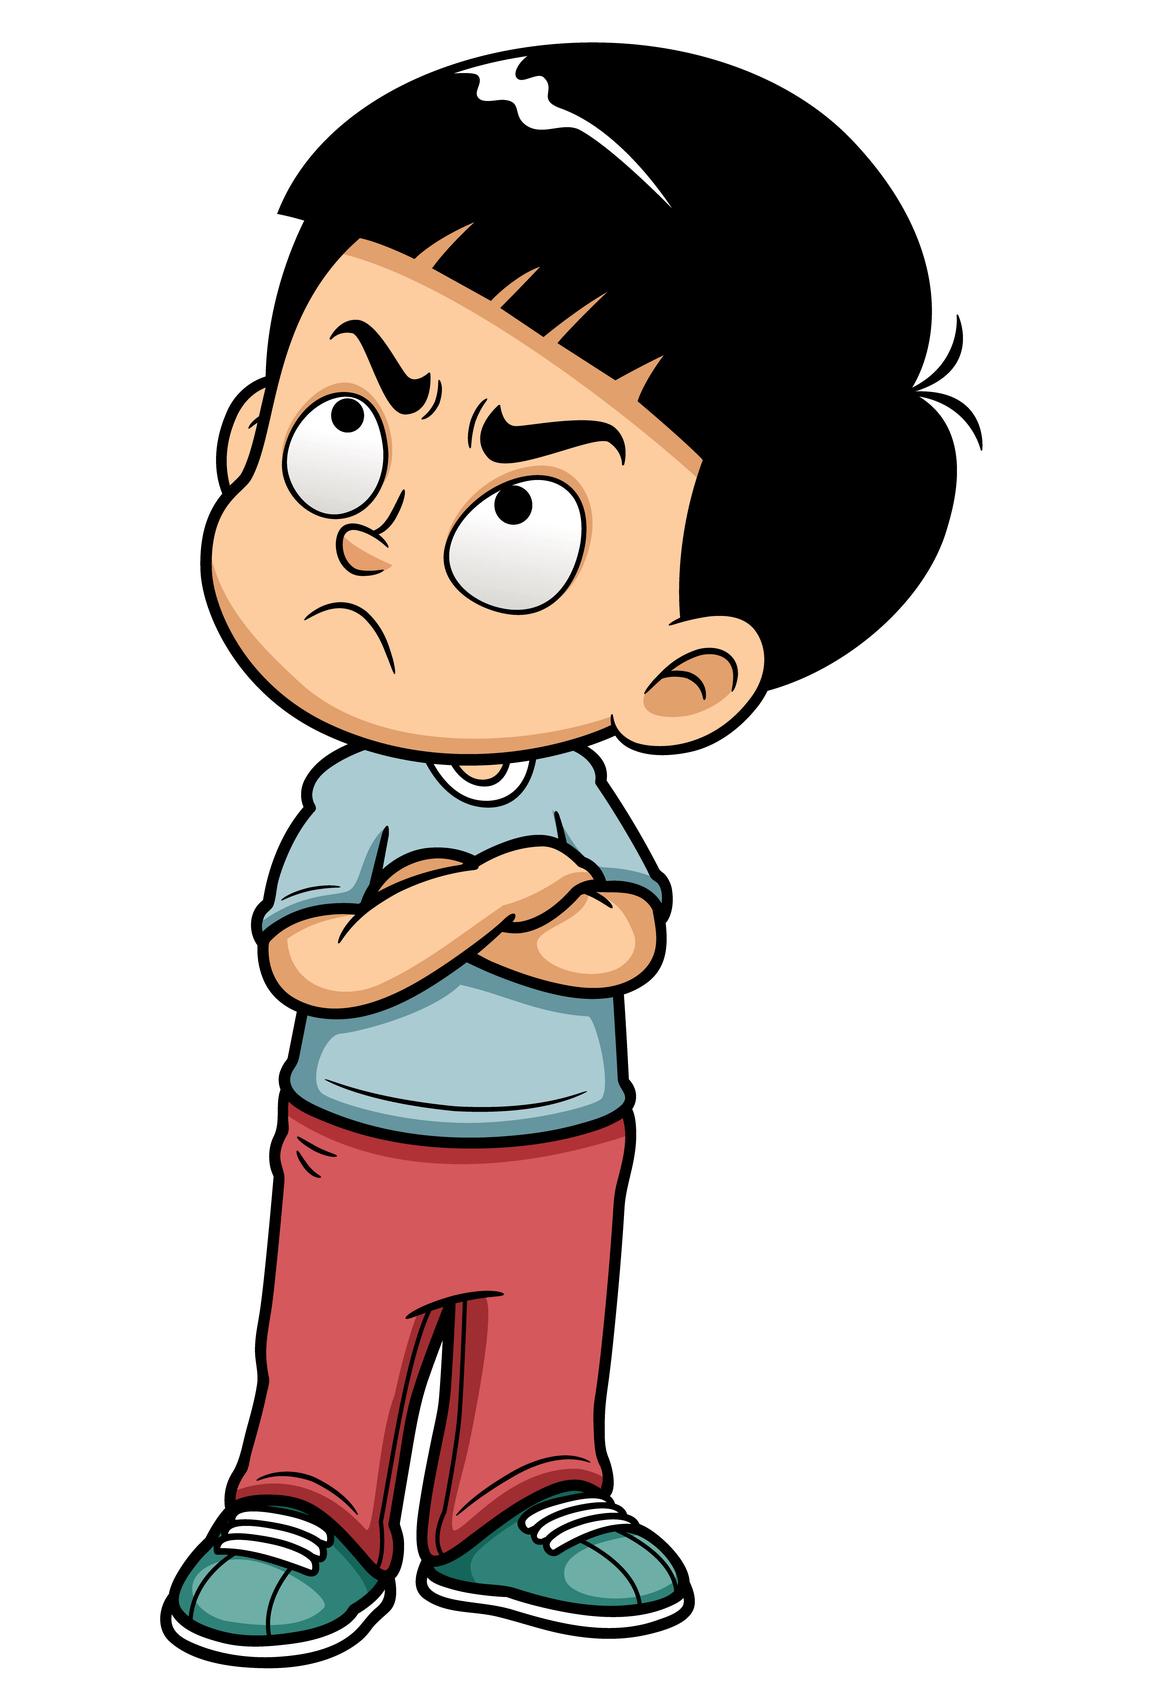 كيفية التعامل مع الاطفال العنيدين والعصبيين